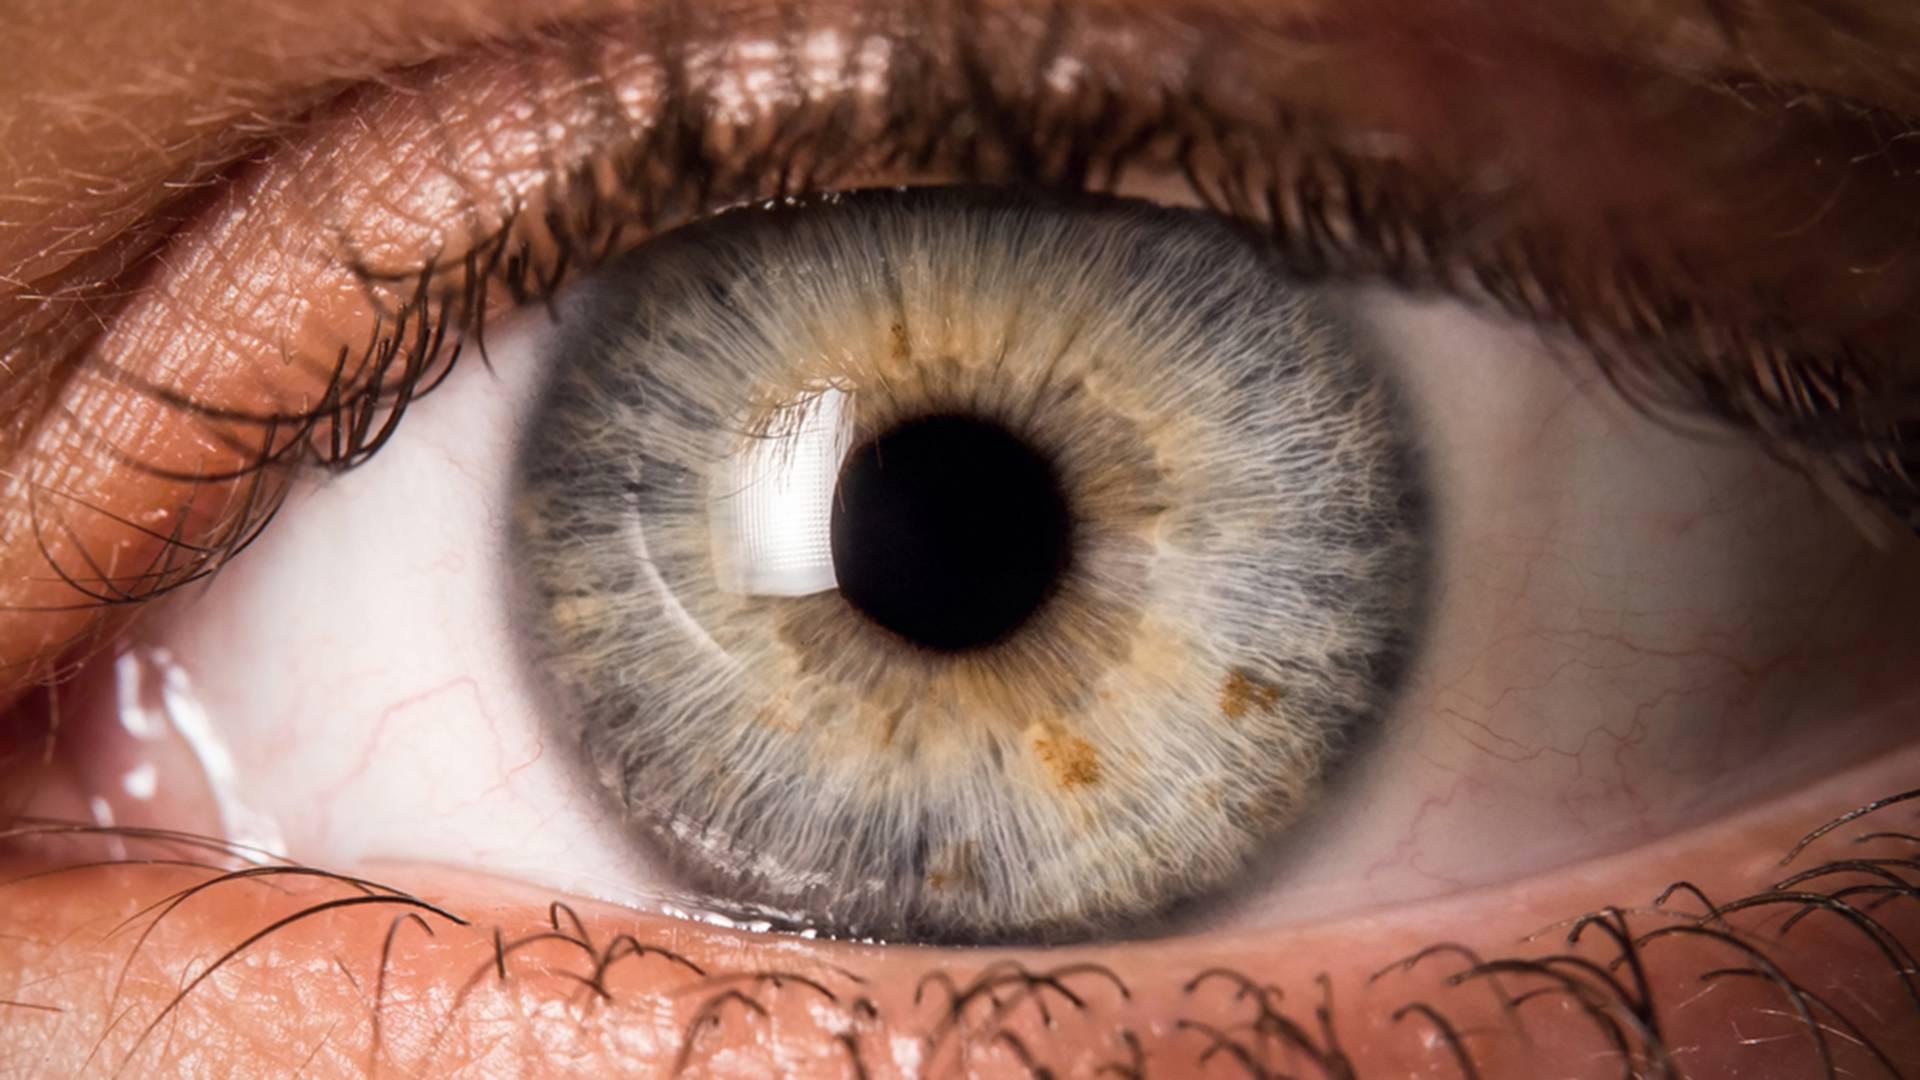 عمل ویترکتومی چیست؟ چه تاثیری در بهبود بینایی دارد؟